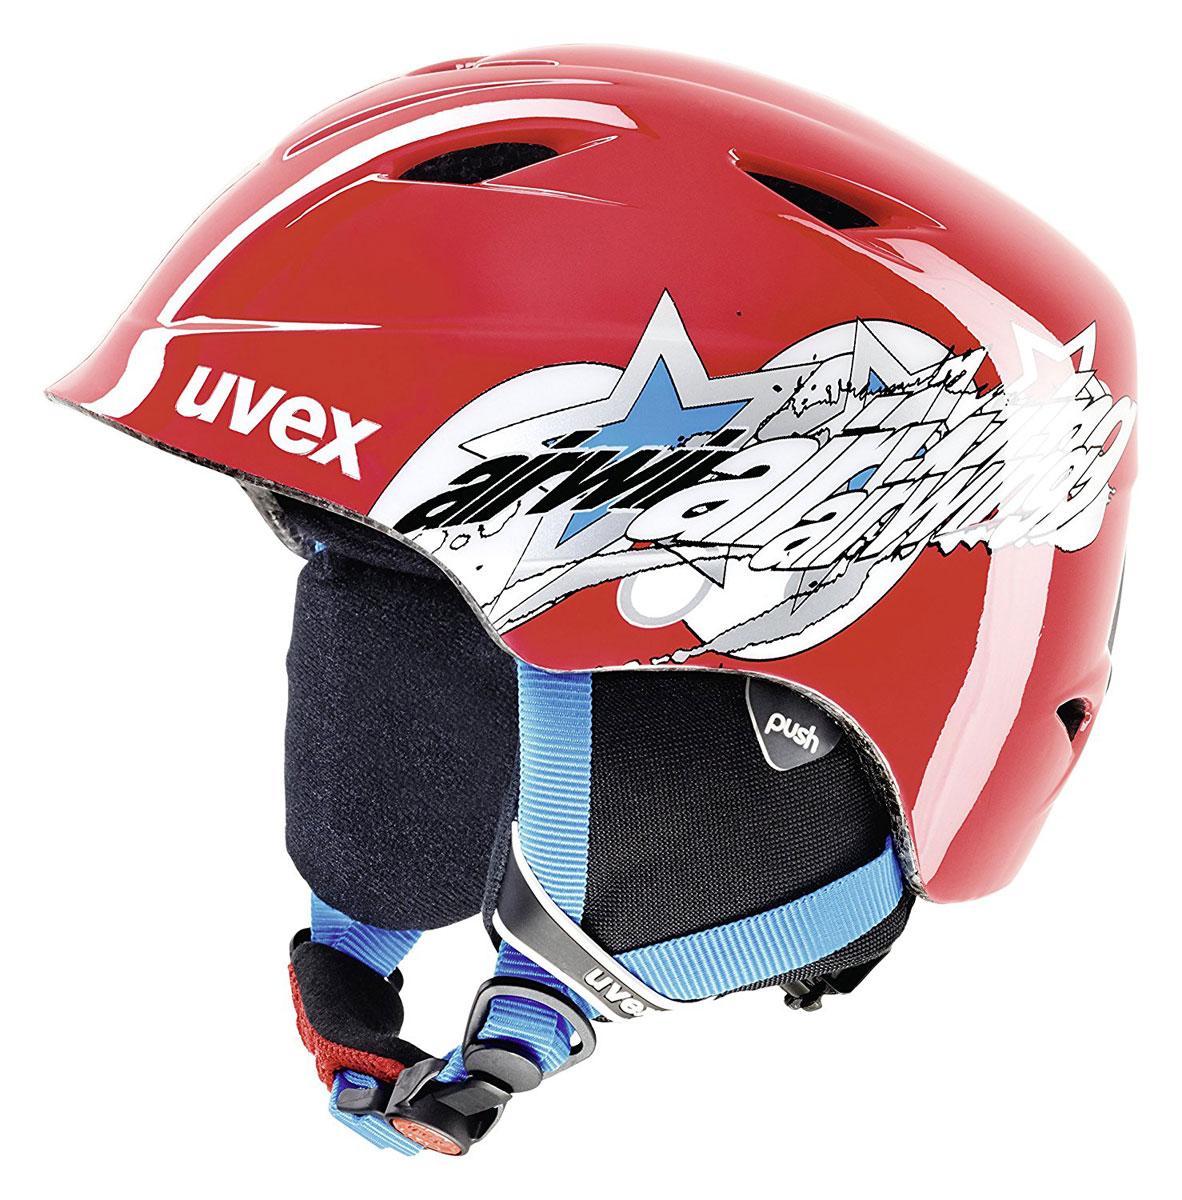 """Шлем зимний Uvex """"Airwing 2"""", детский, цвет: красный. Размер XS"""